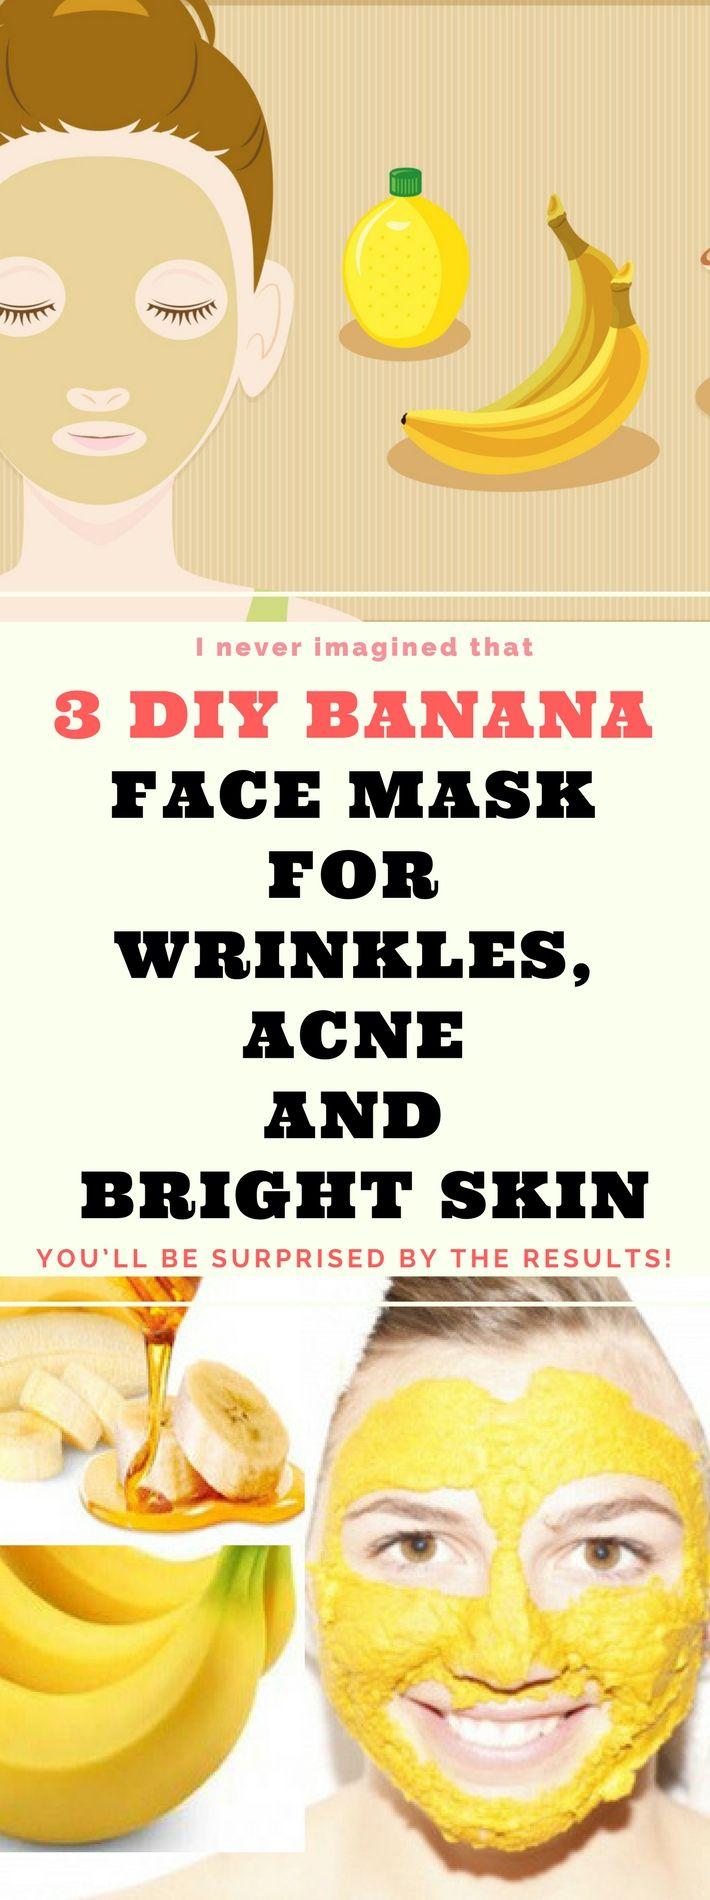 3 DIY Banana Face Mask For Acne, Wrinkles & Bright Skinn..! Here is !!!!